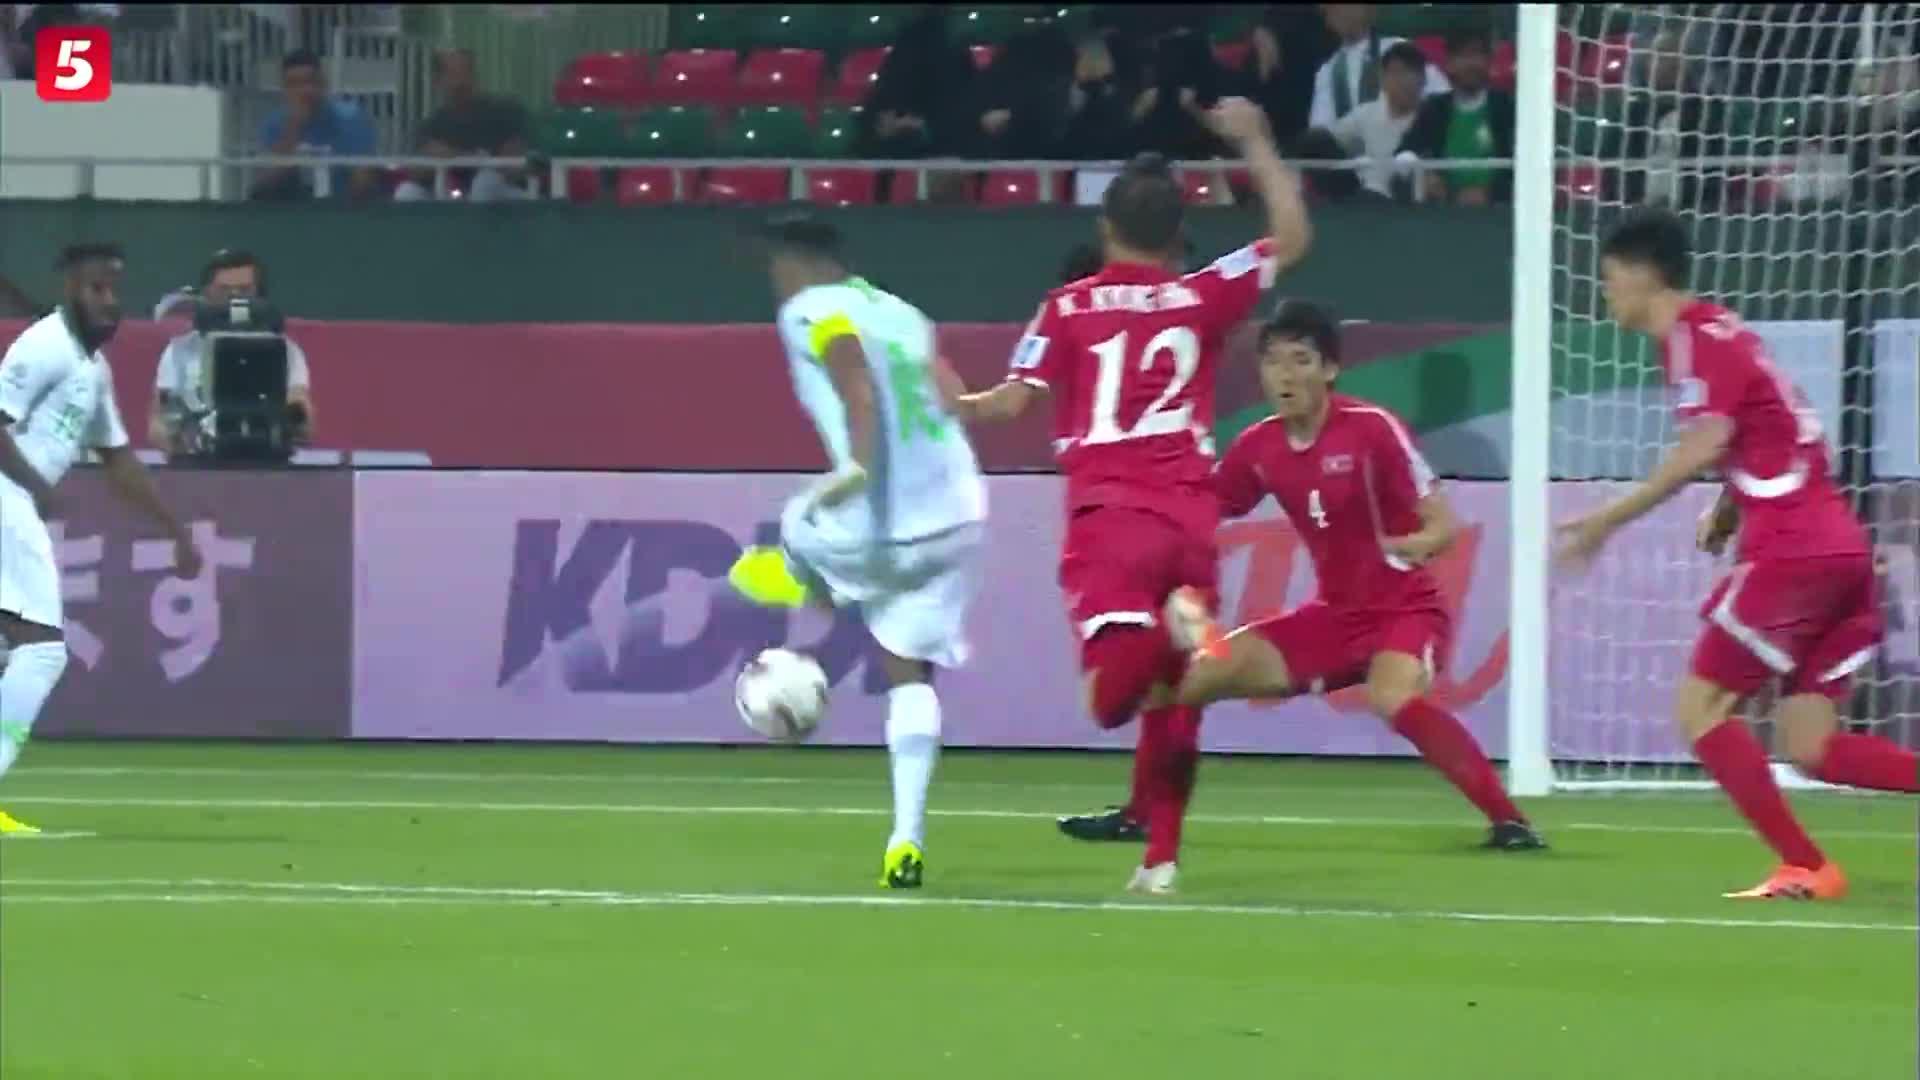 [视频]亚洲杯:沙特4-0大胜朝鲜 朝鲜新星半场染红